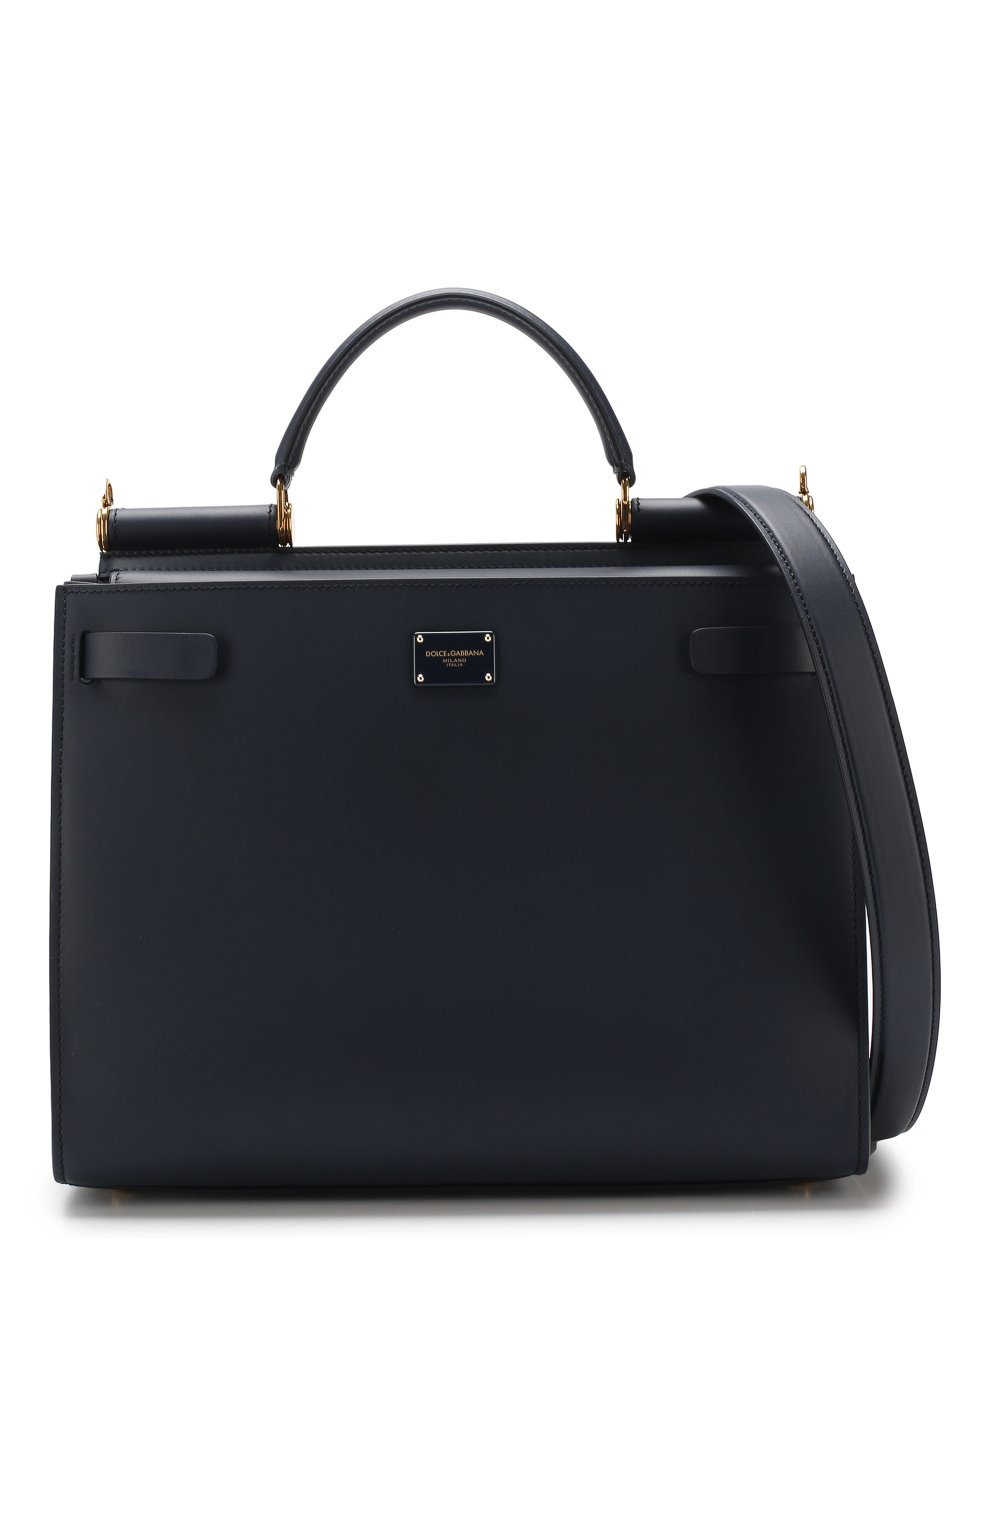 d9d3af33df4a Сумки Dolce & Gabbana по цене от 19 700 руб. купить в интернет-магазине ЦУМ